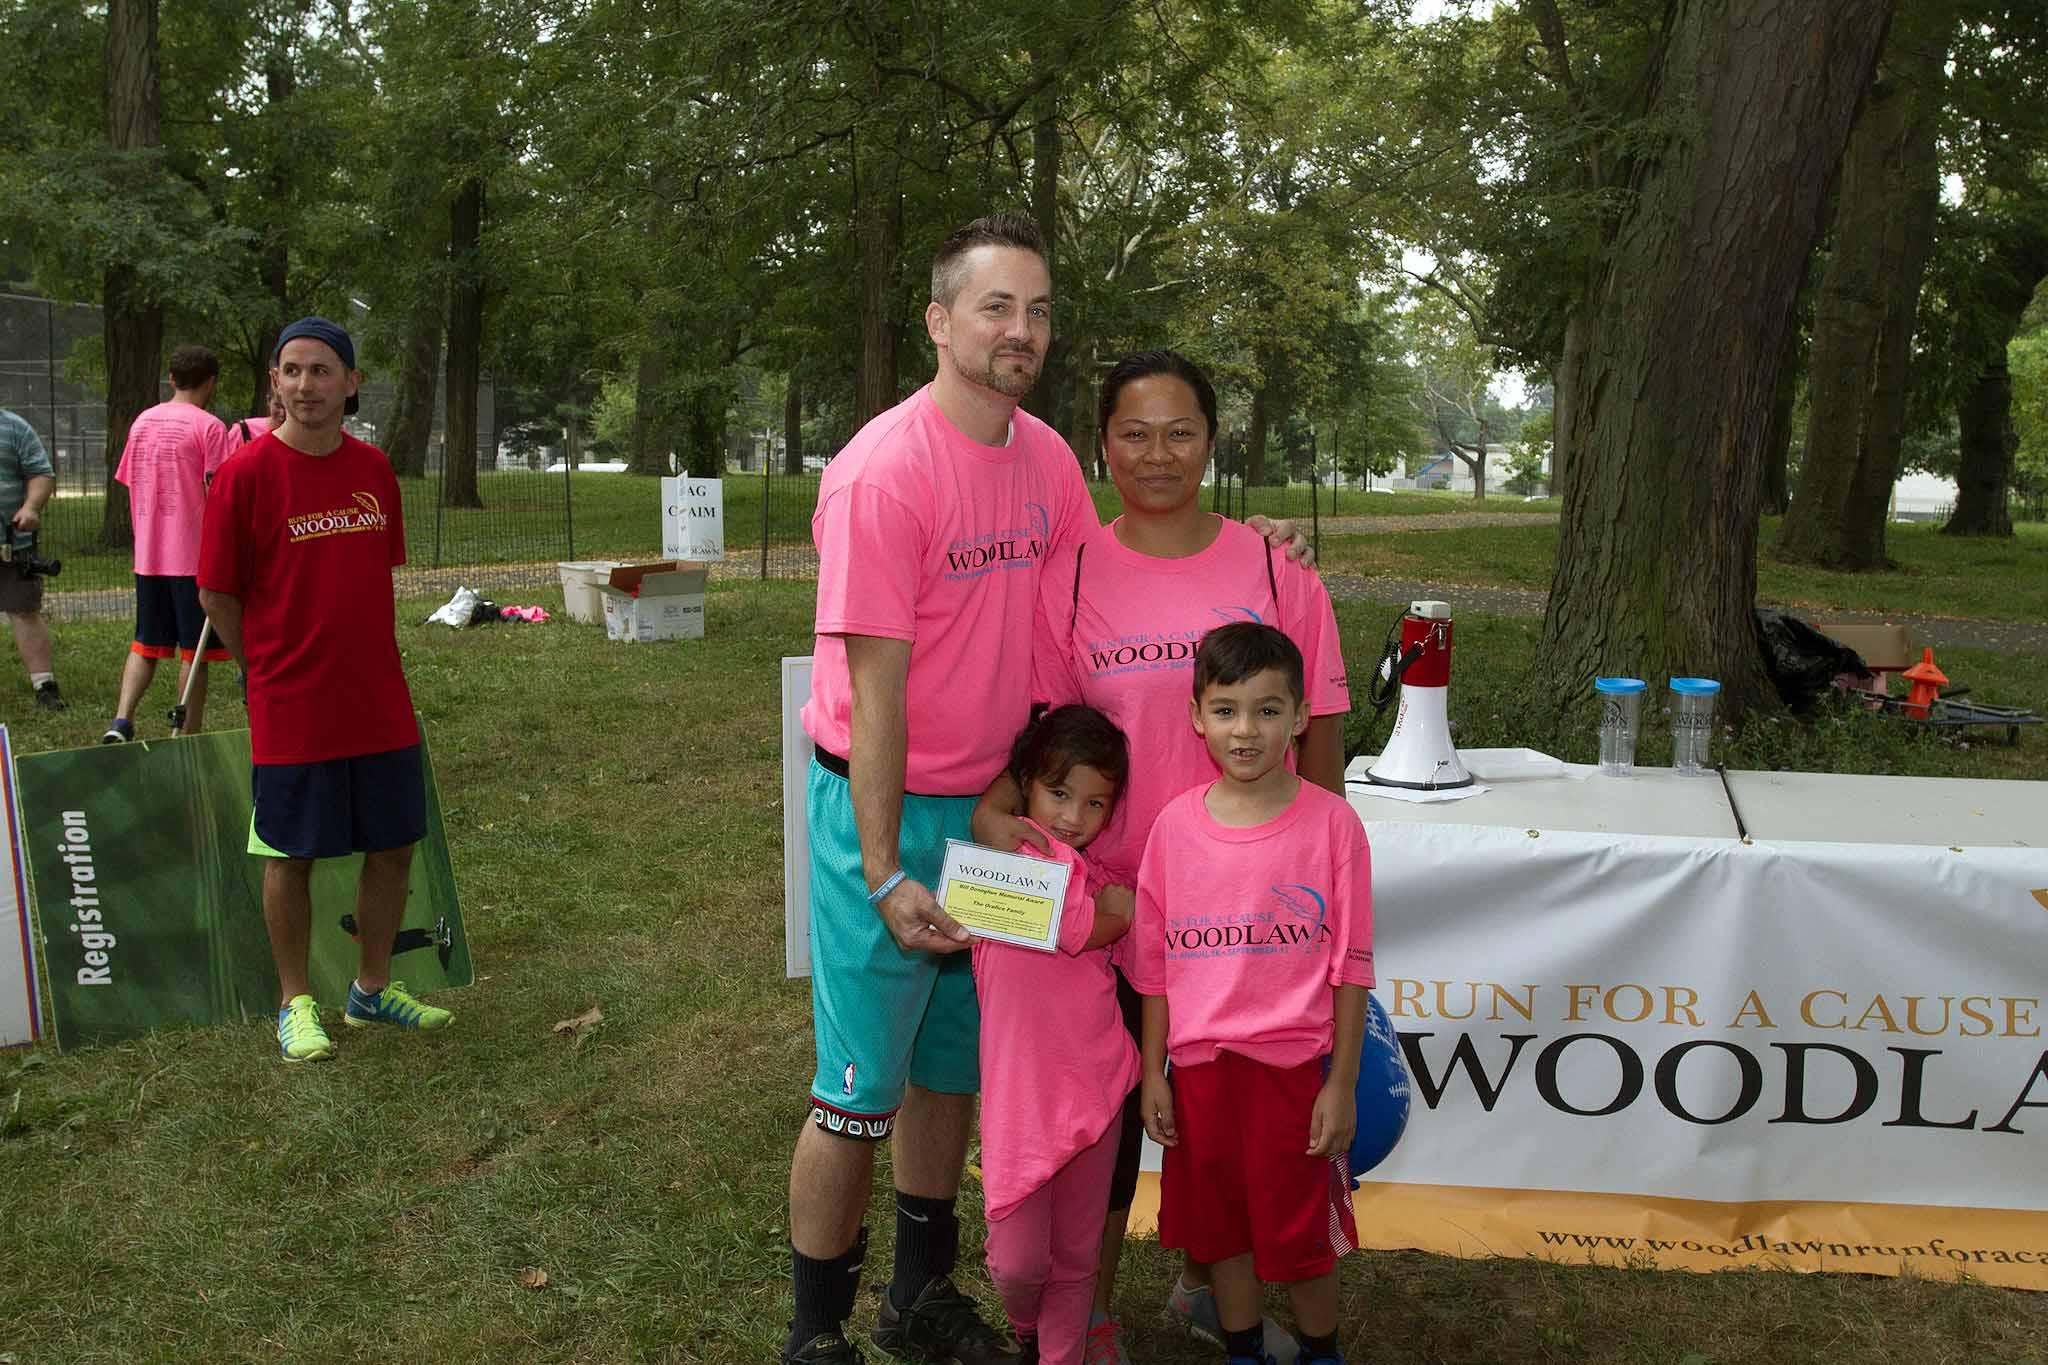 265-Woodlawn Run for a Cause-077-2.jpg